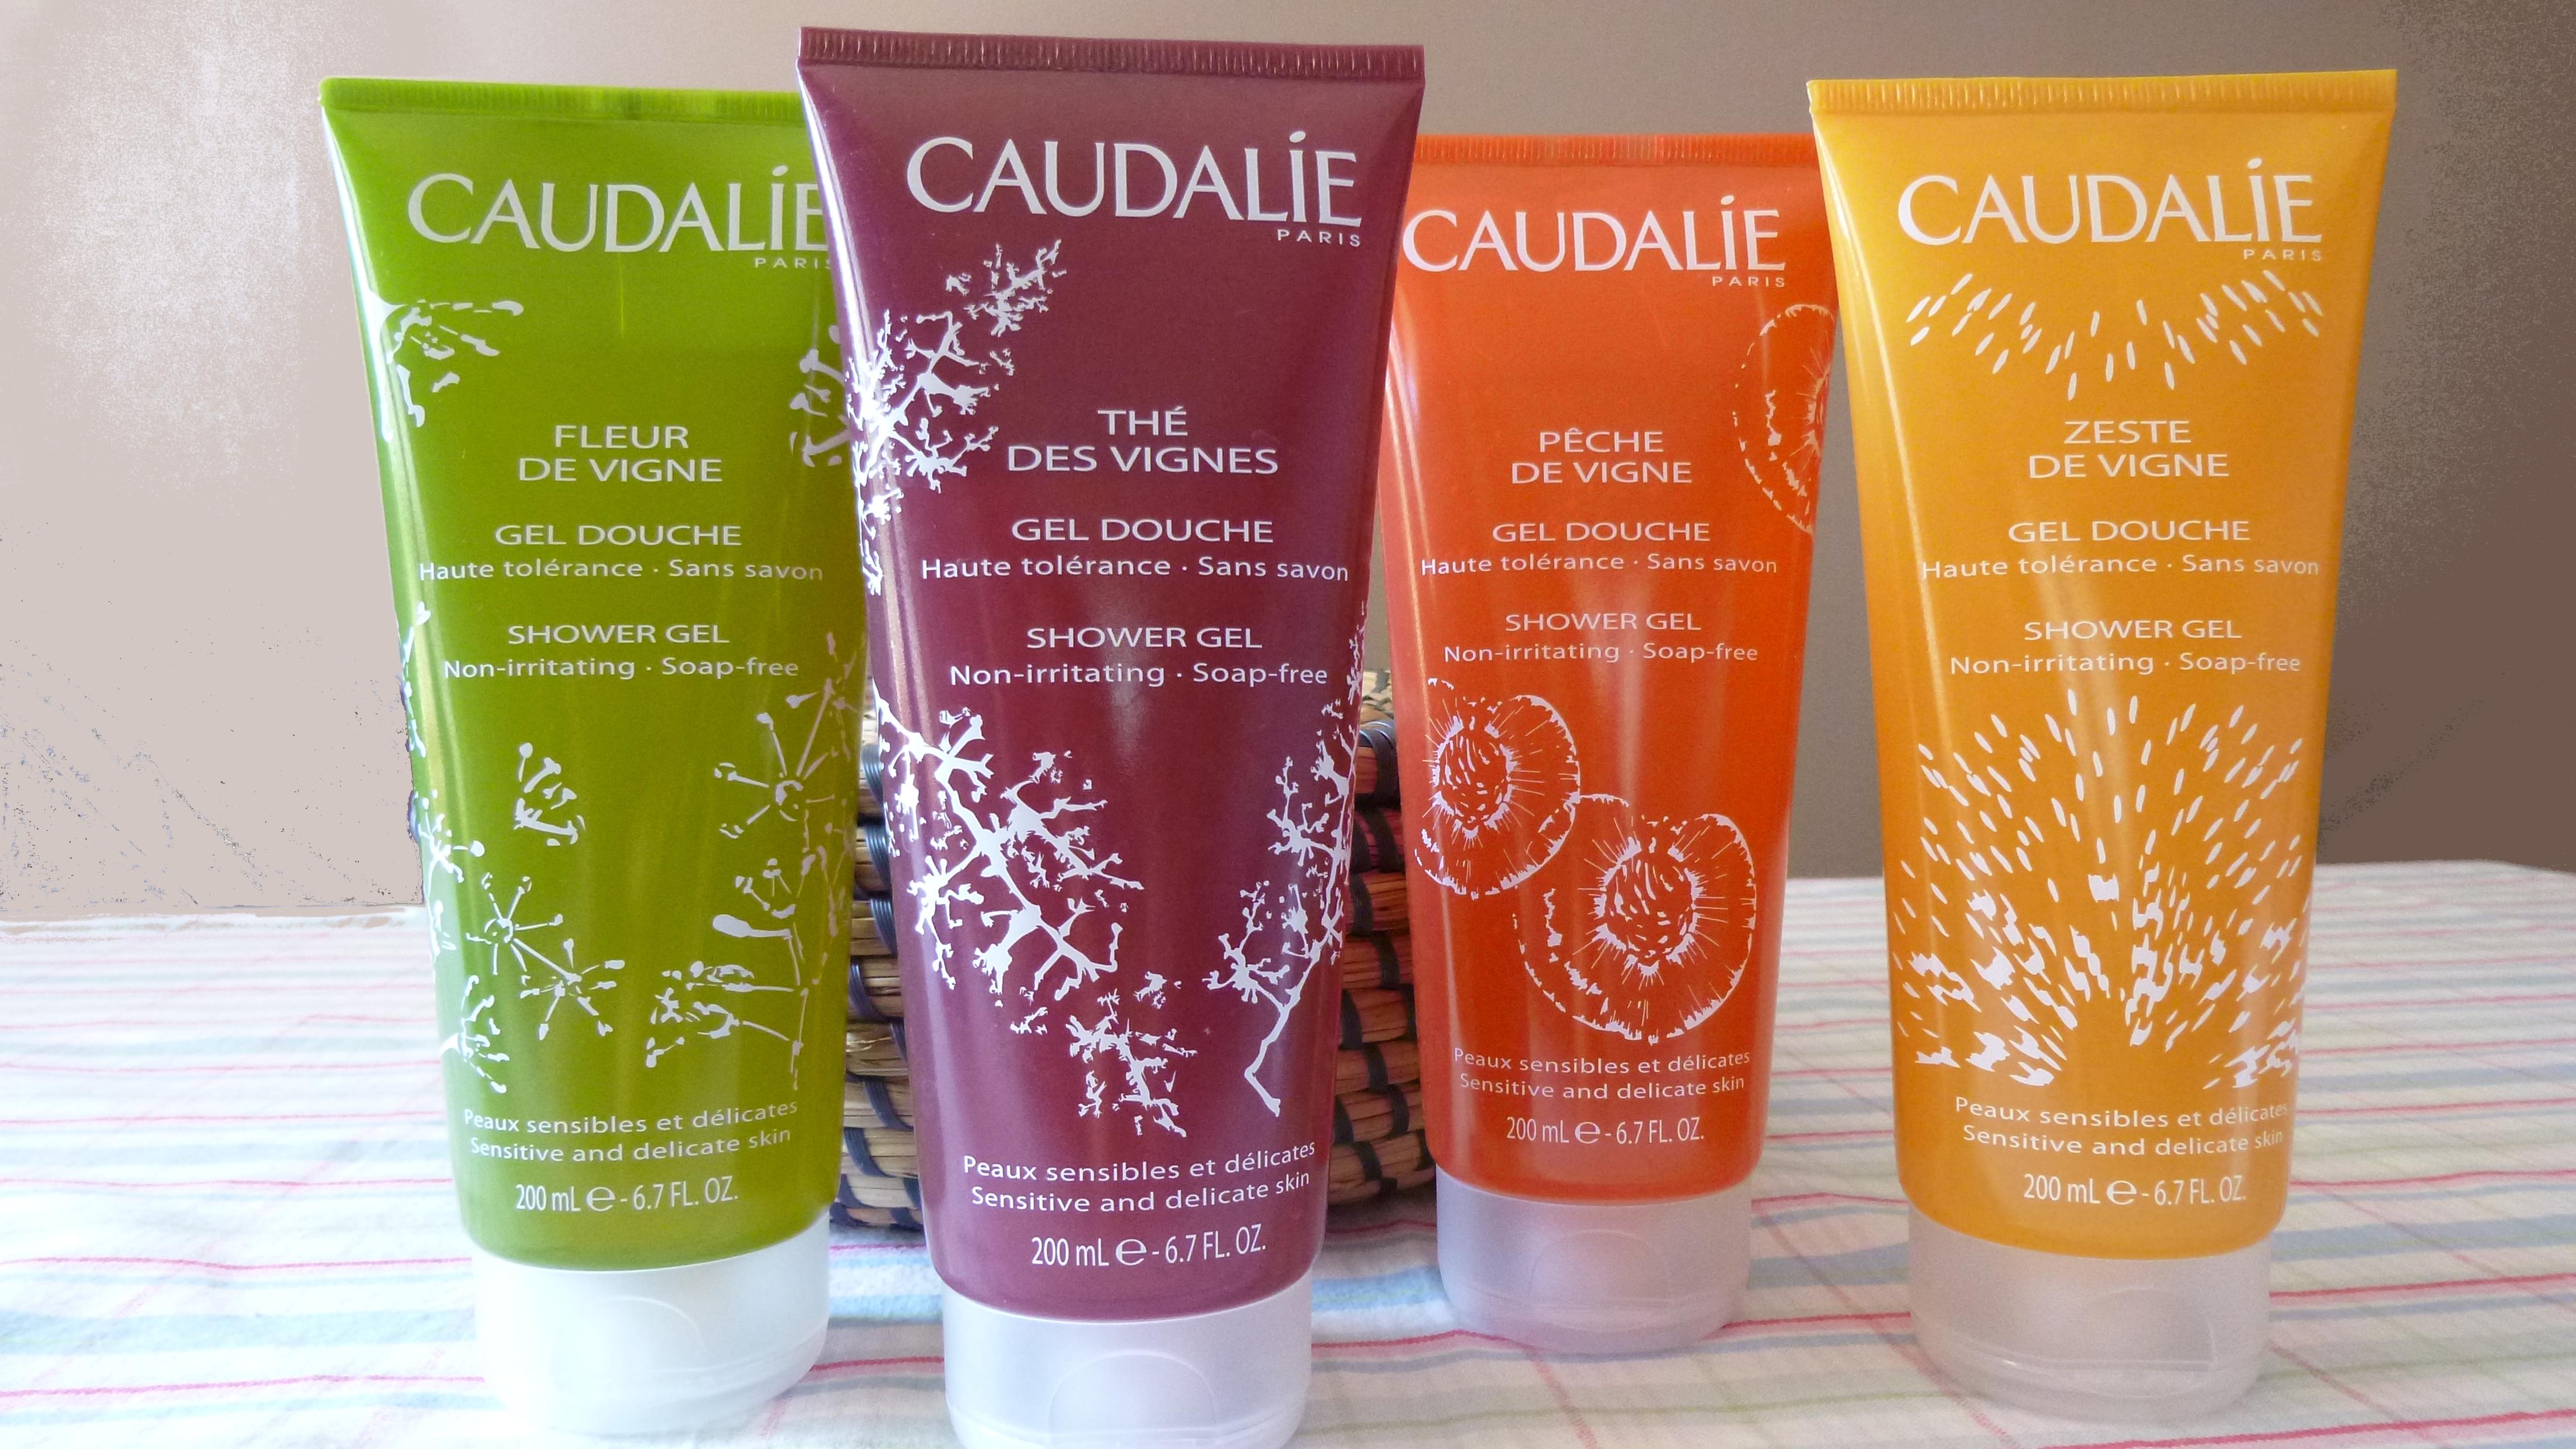 Revue caudalie gels douches th des vignes le blog de - Gel douche sans sodium laureth sulfate ...